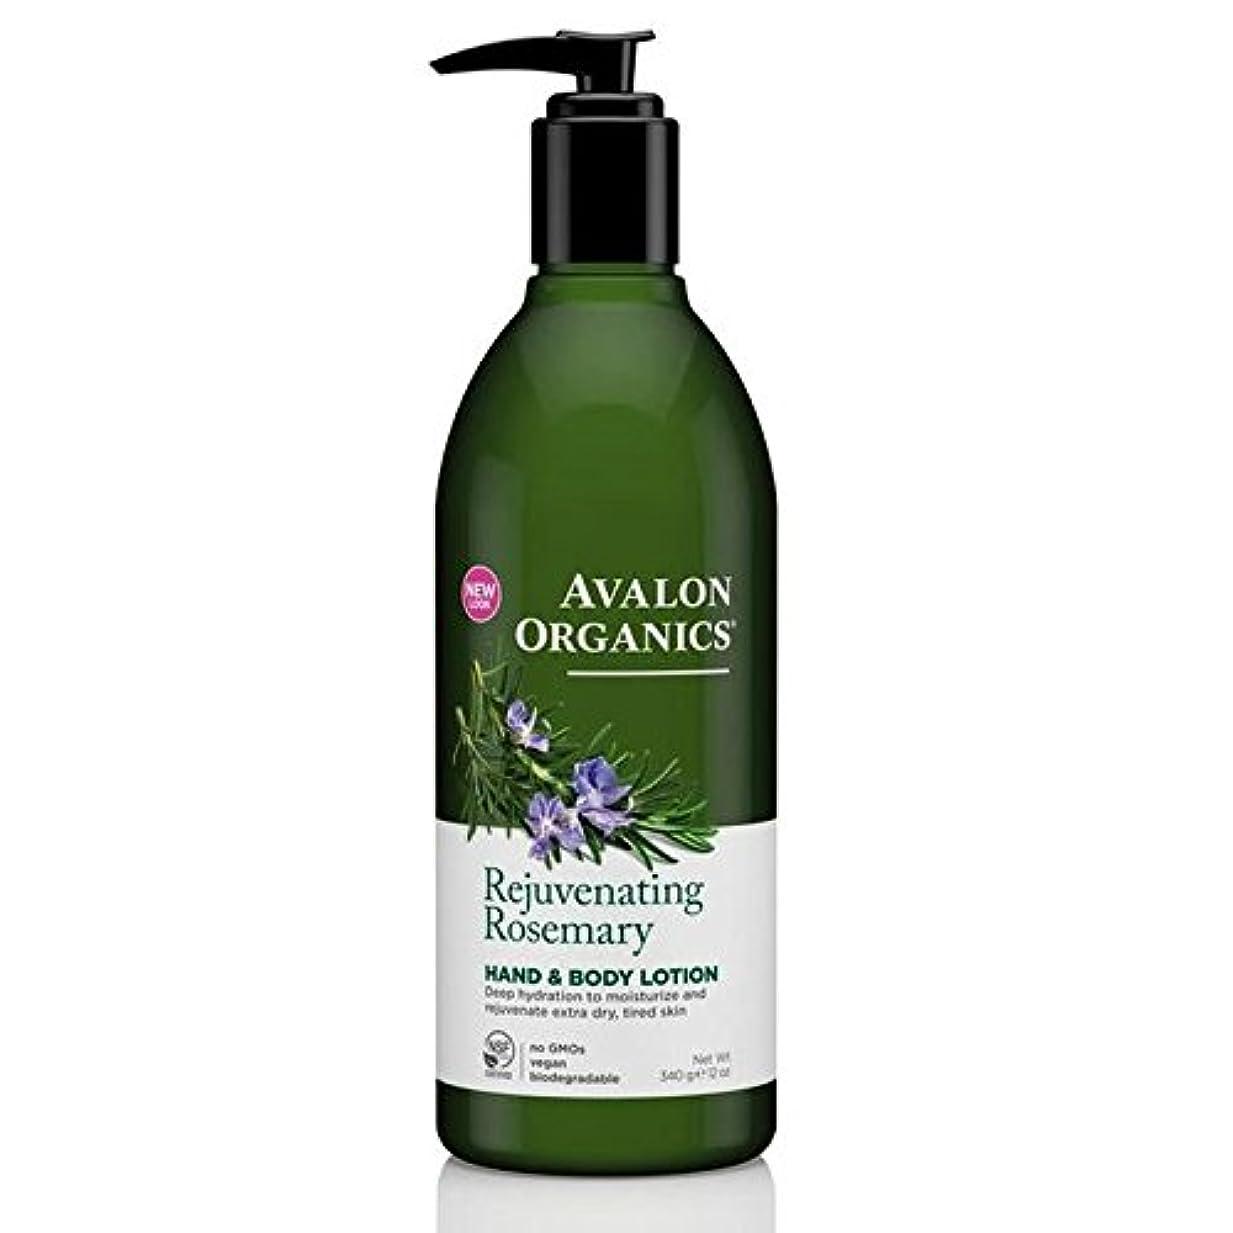 気晴らしキネマティクス想像力豊かなAvalon Organics Rosemary Hand & Body Lotion 340g - (Avalon) ローズマリーハンド&ボディローション340グラム [並行輸入品]